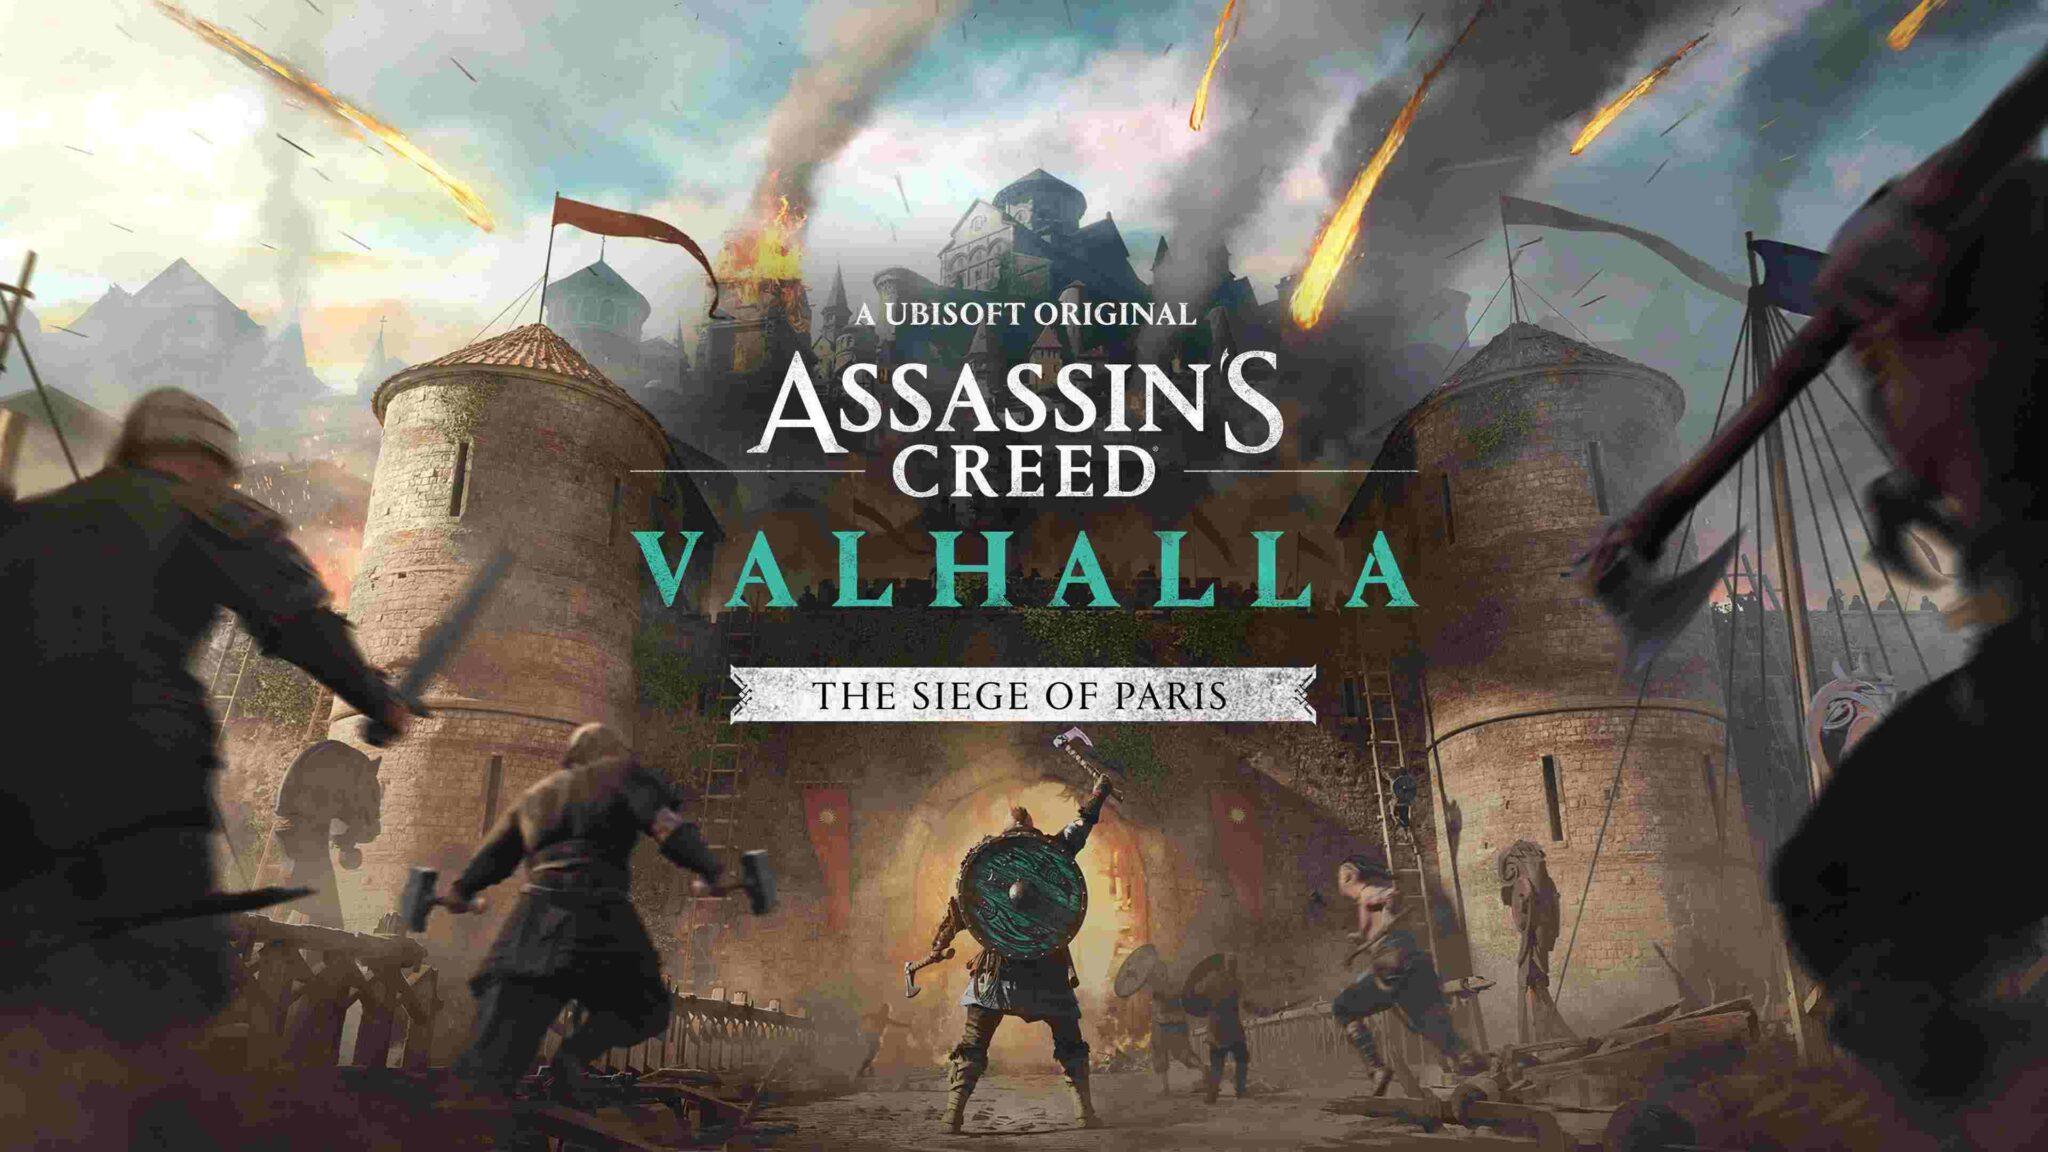 نقد و بررسی بسته الحاقی Siege of Paris بازی Assassins Creed Valhalla؛ تکرار مکررات